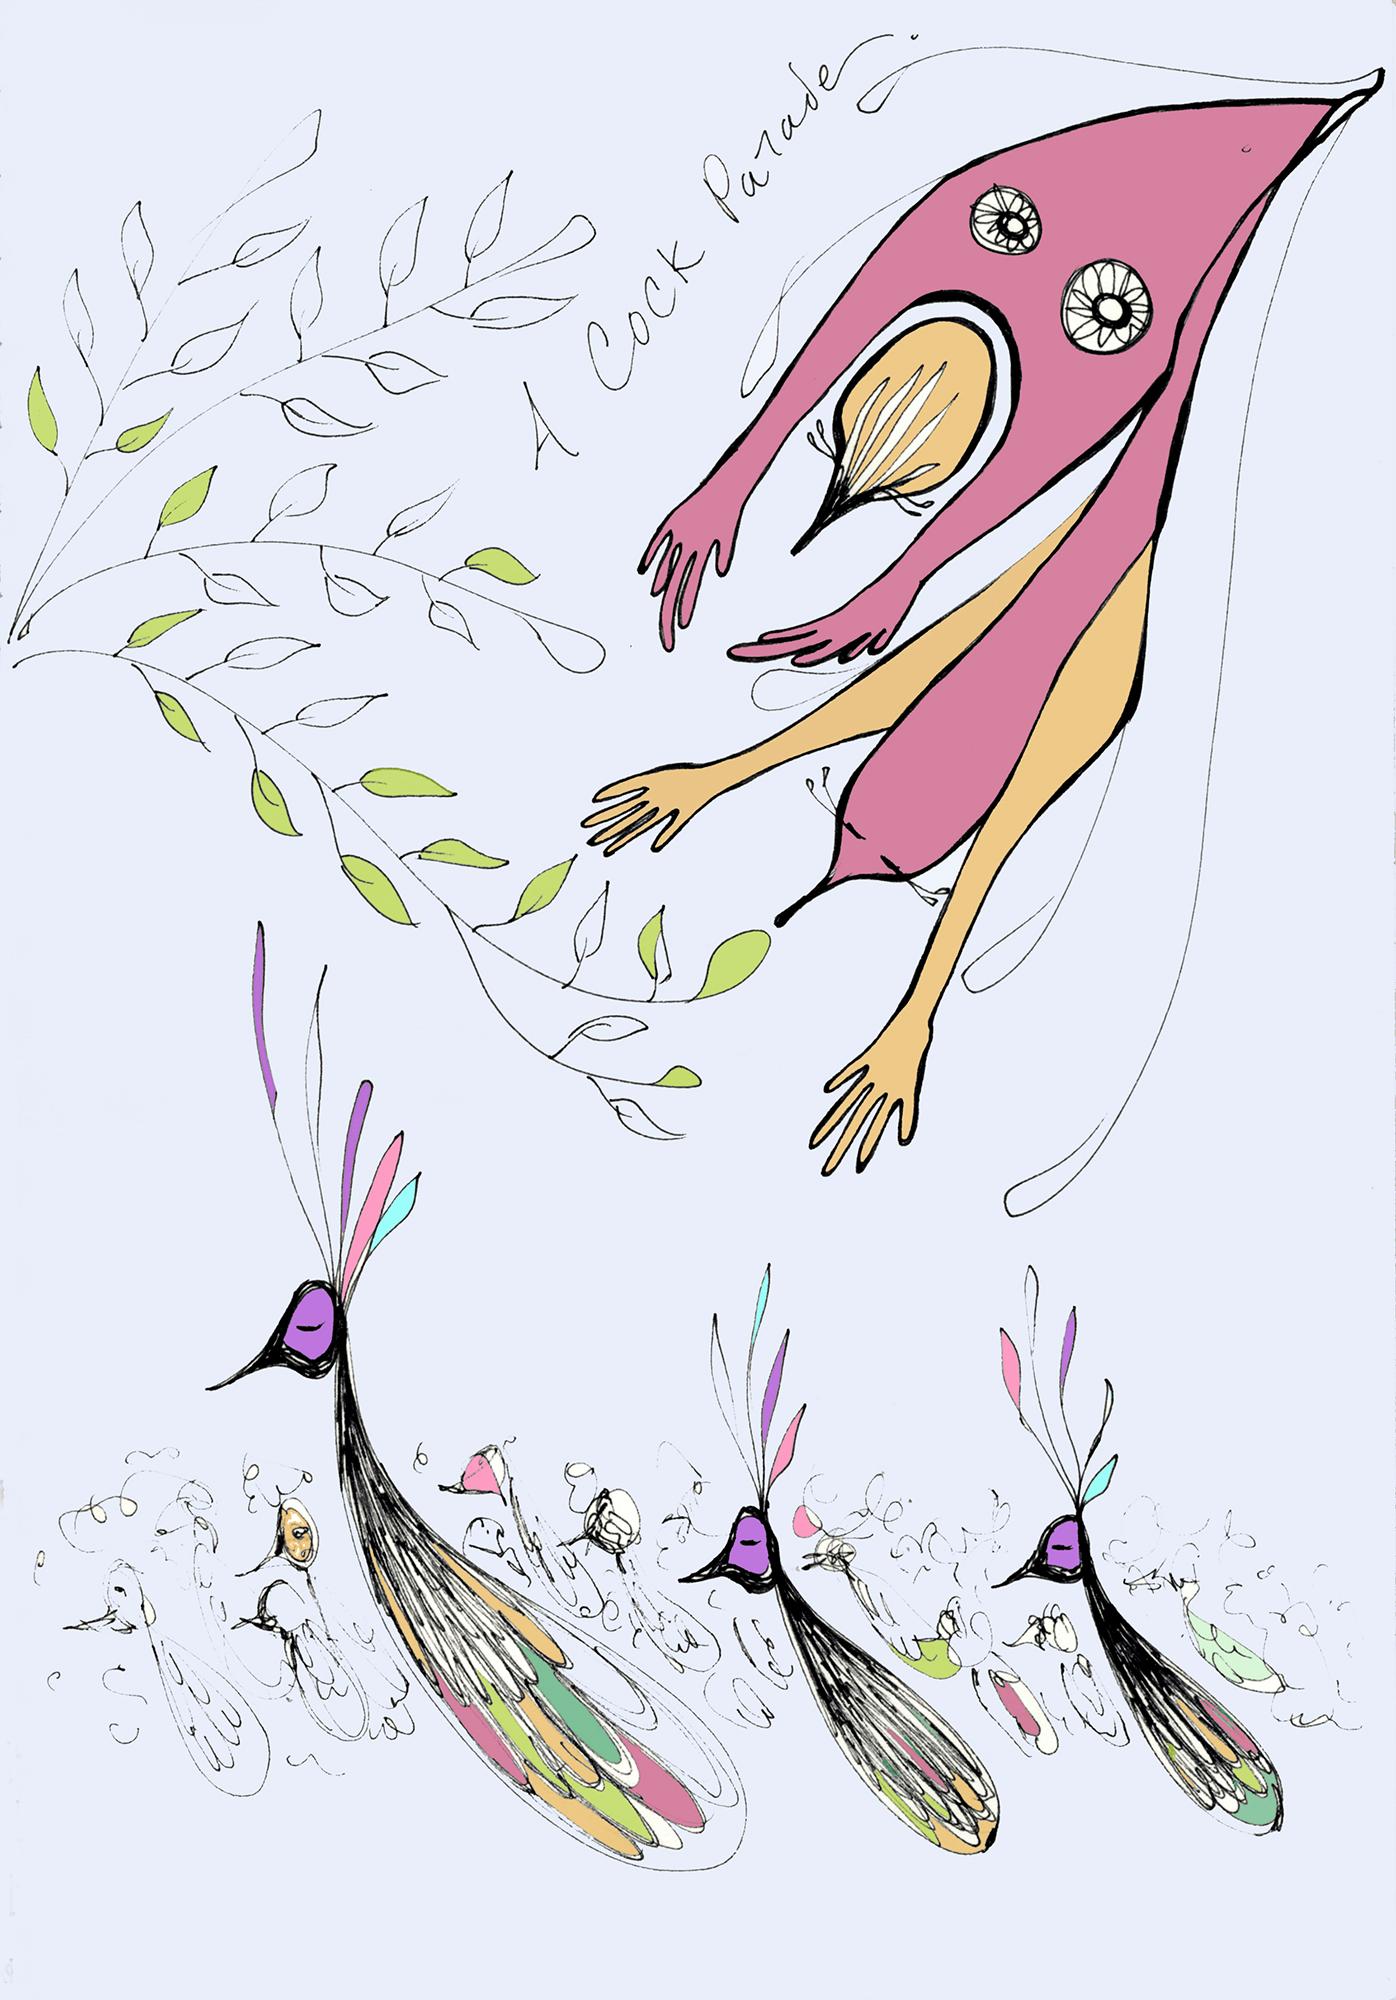 """A Cock Parade  Pen + Digital, 9 x 12"""" / Geena Matuson @geenamatuson"""